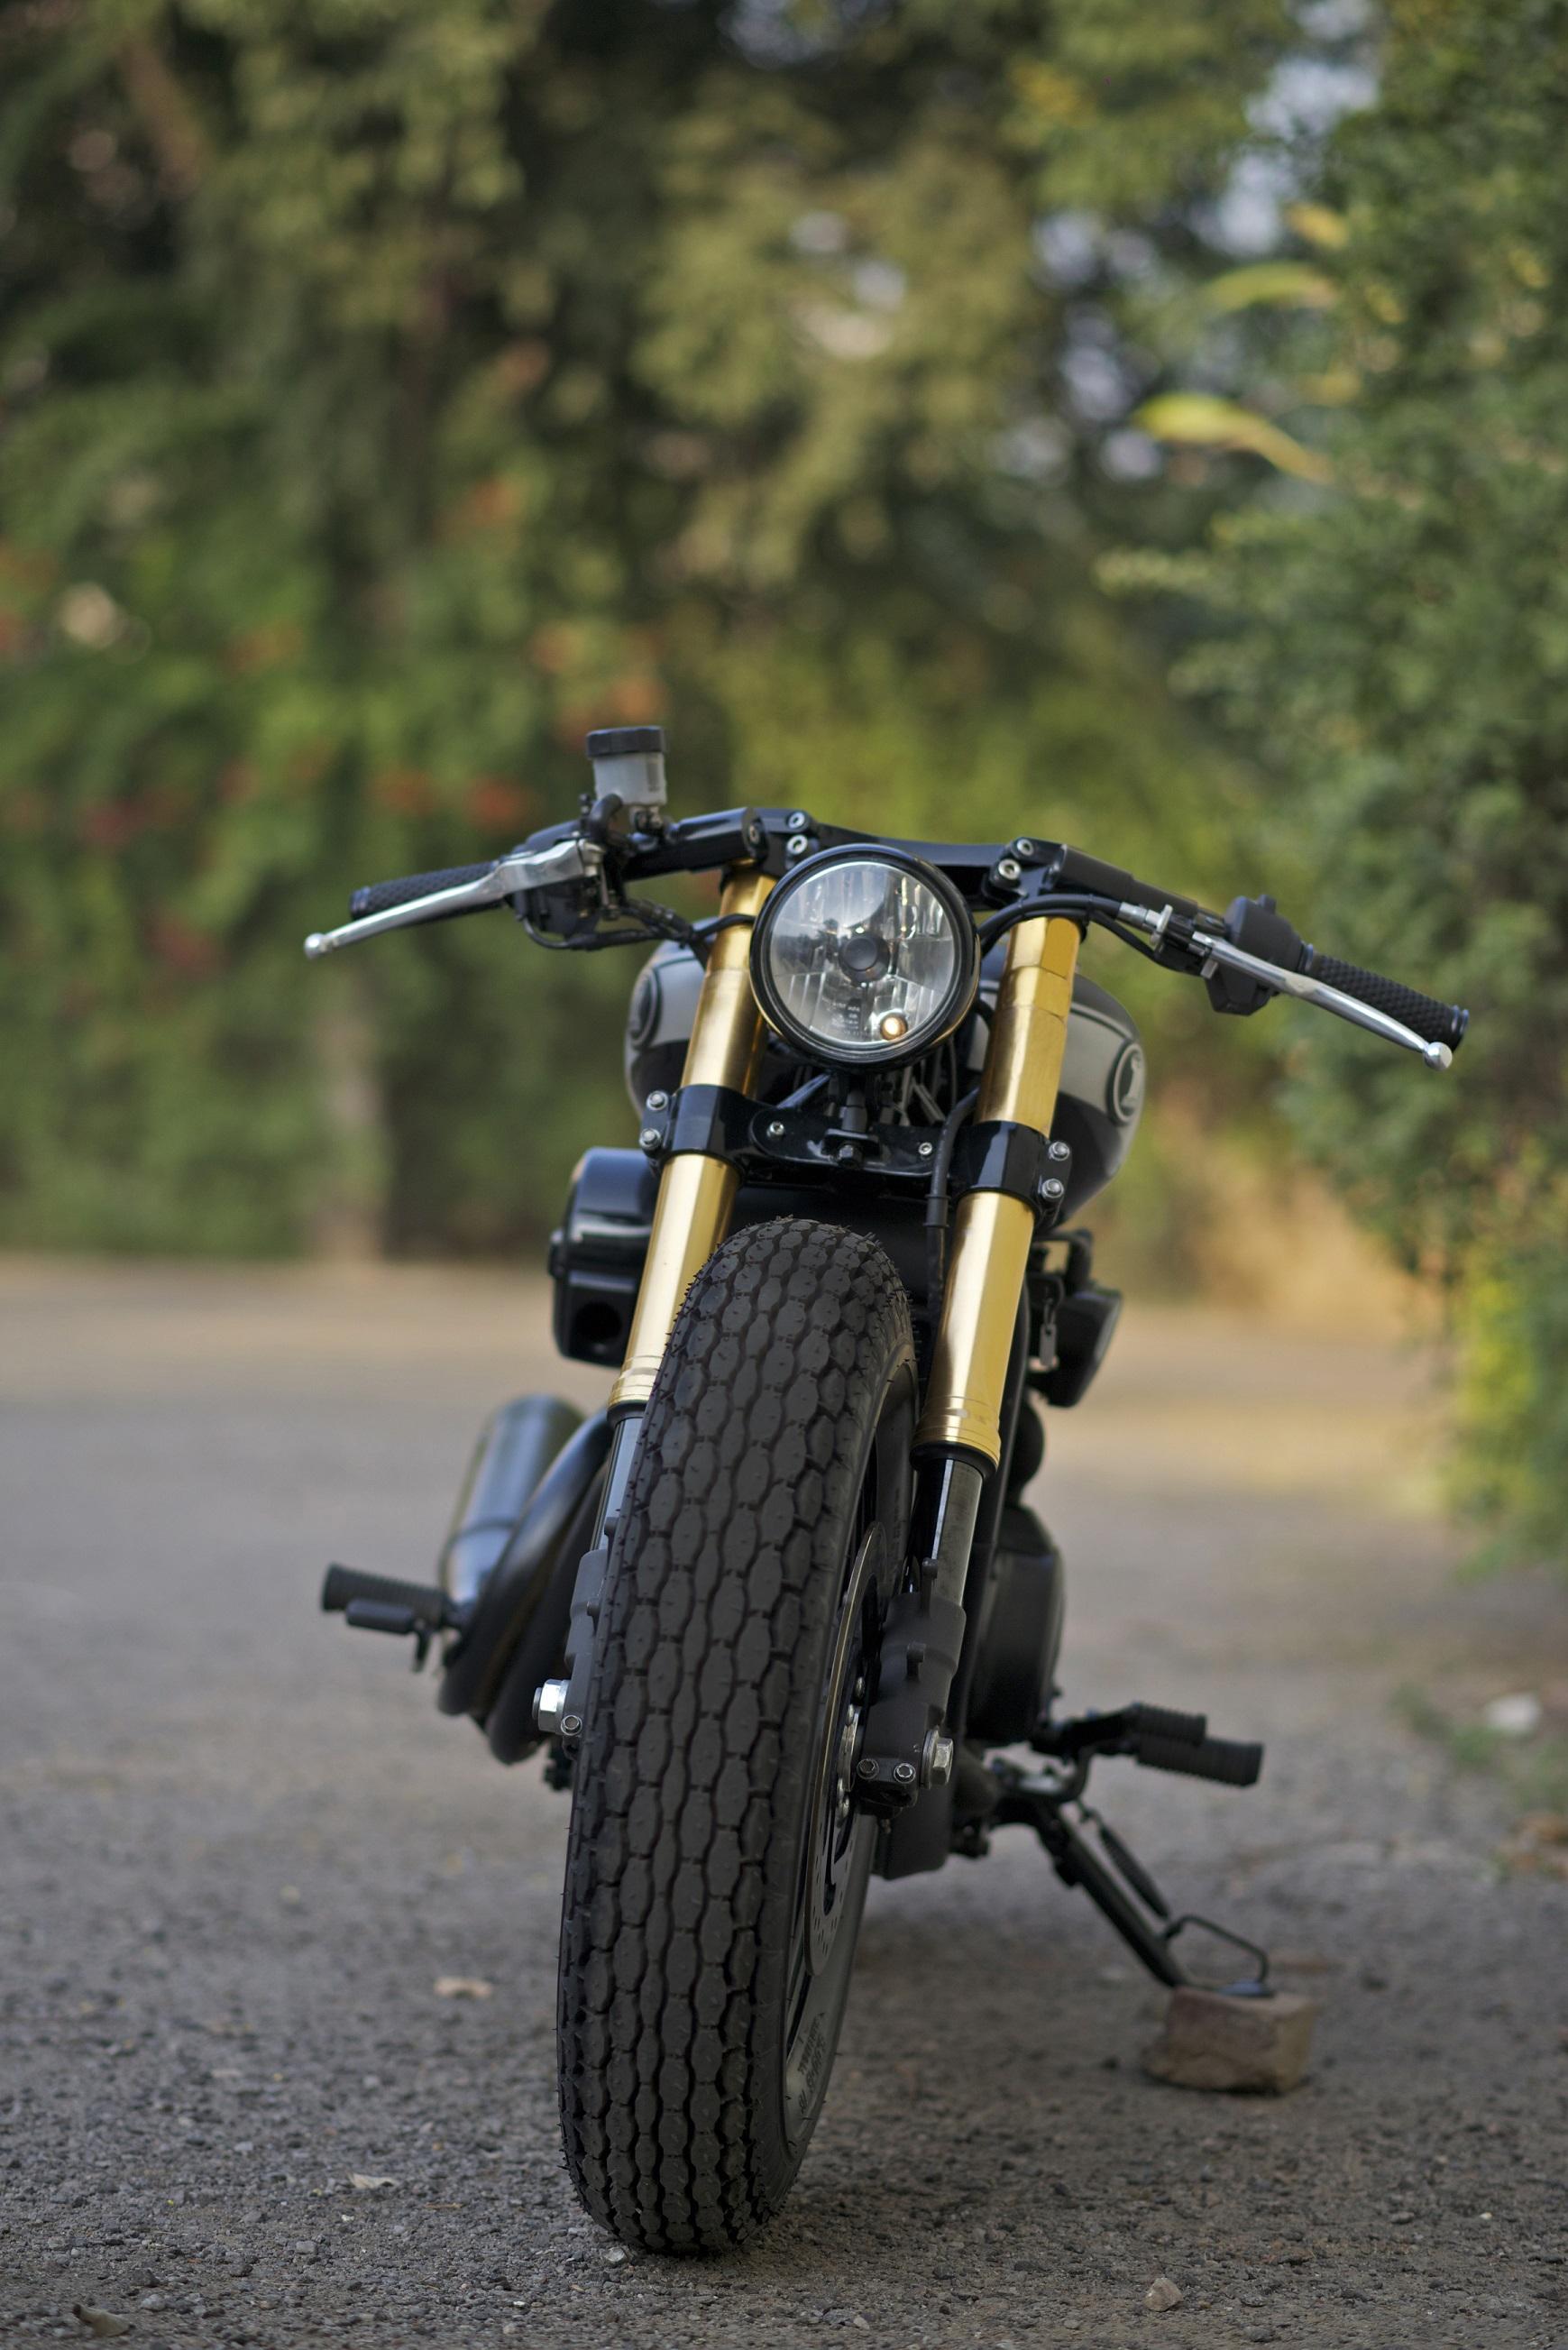 Harley-Davidson 750 Cafe Racer Street